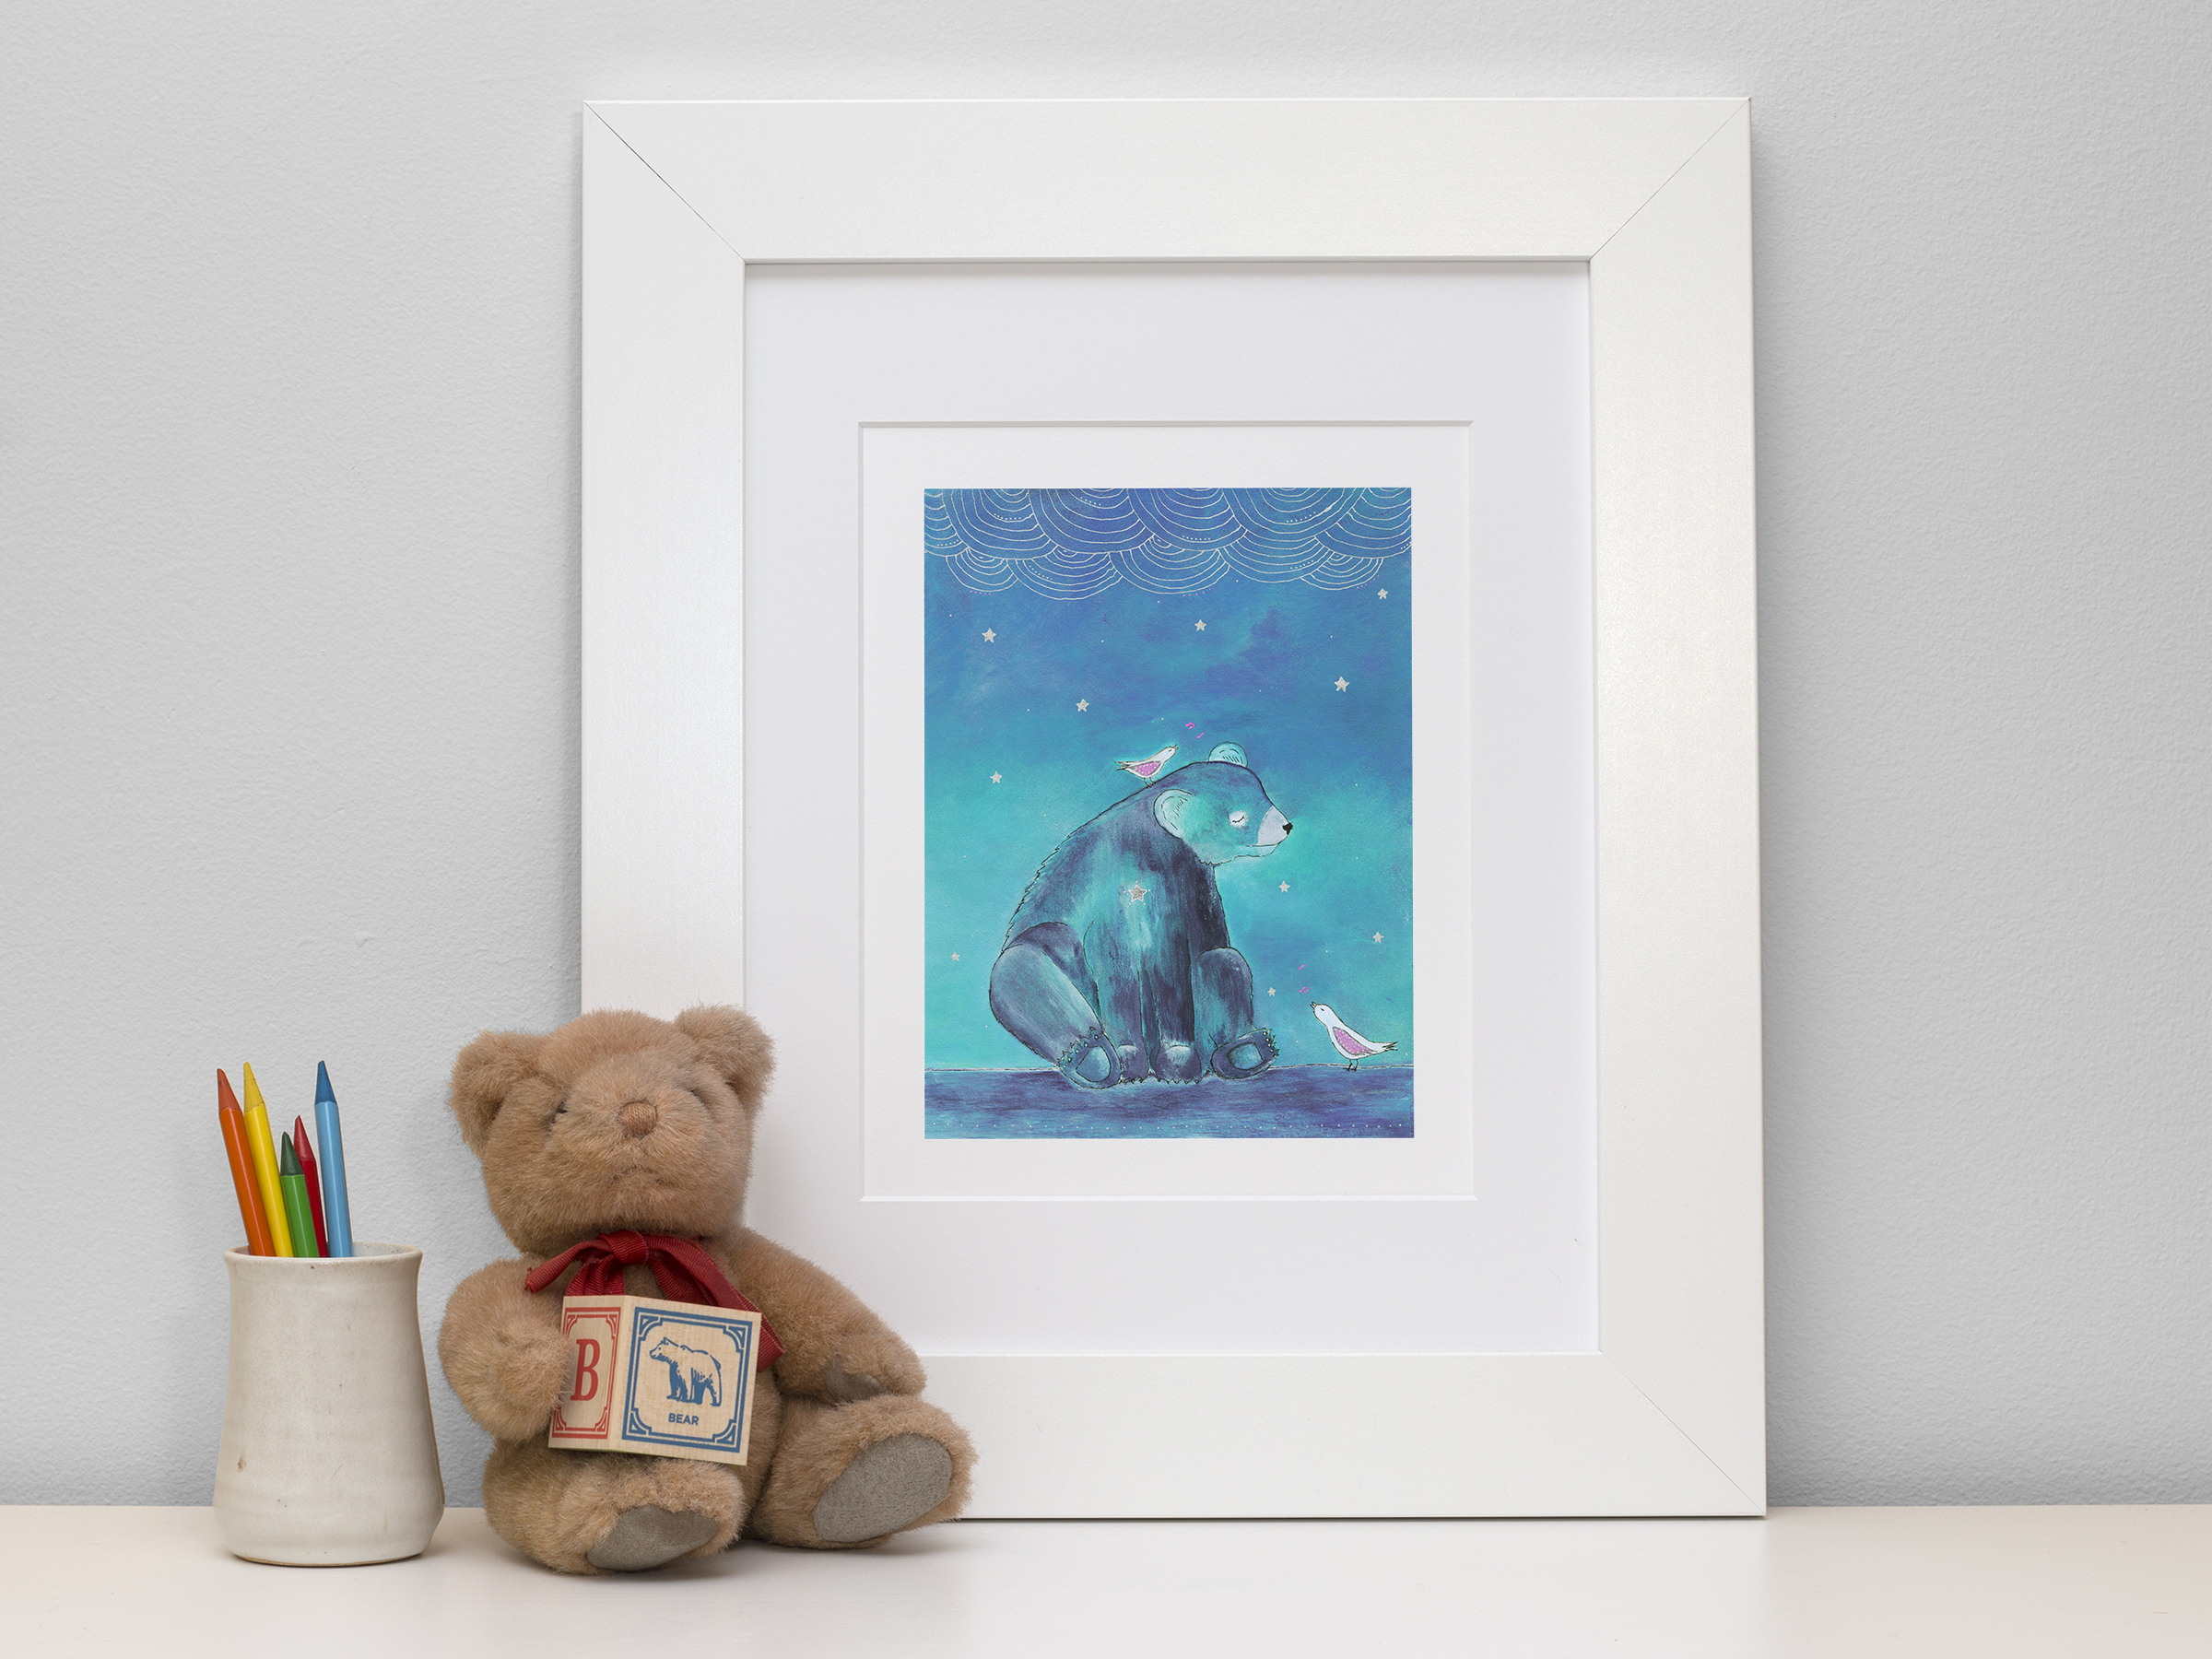 bear-scene